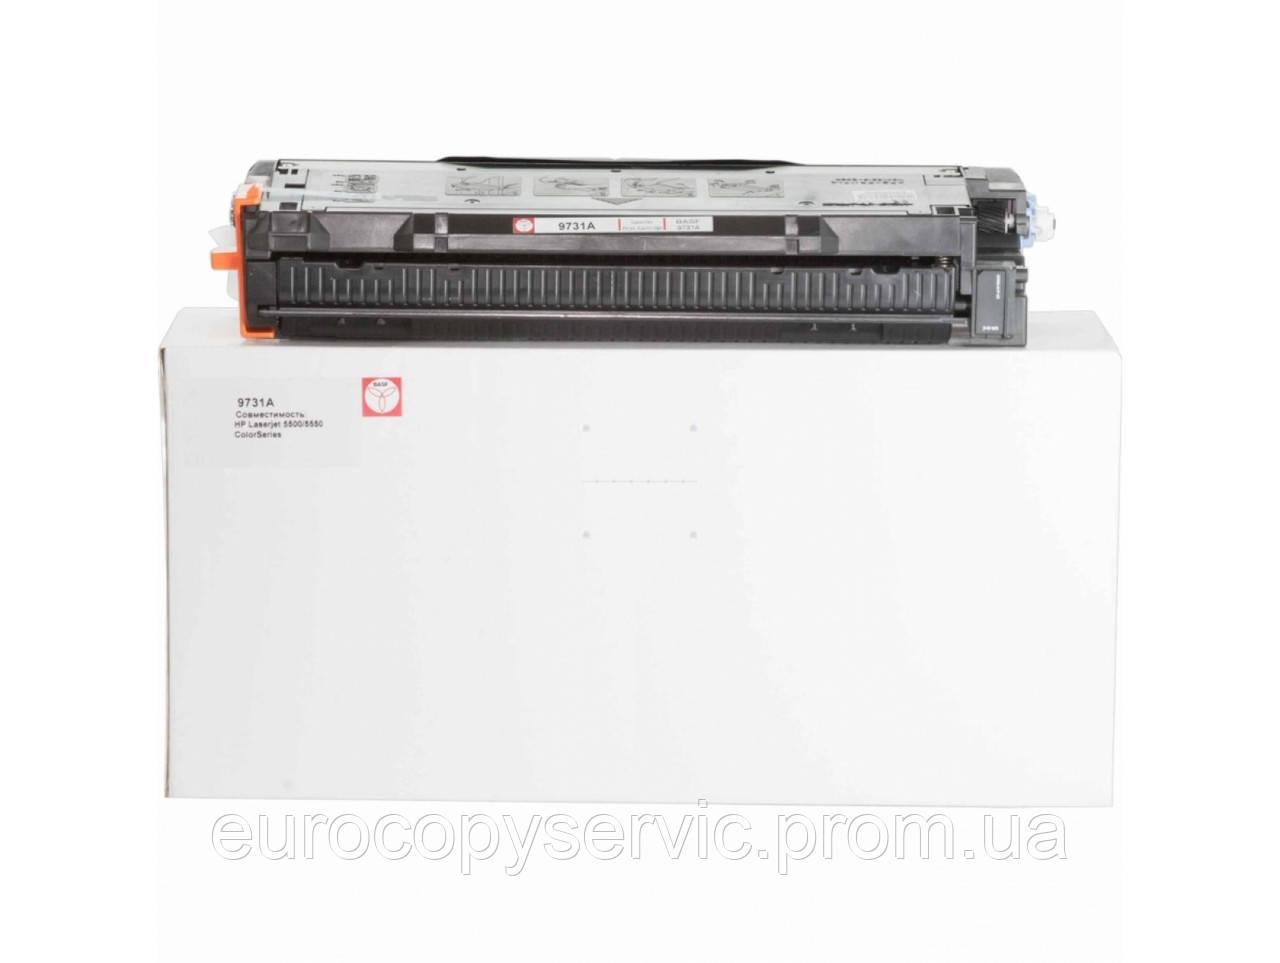 Тонер-картридж BASF для HP CLJ 5500/5550 аналог C9731A Cyan (BASF-KT-C9731A)